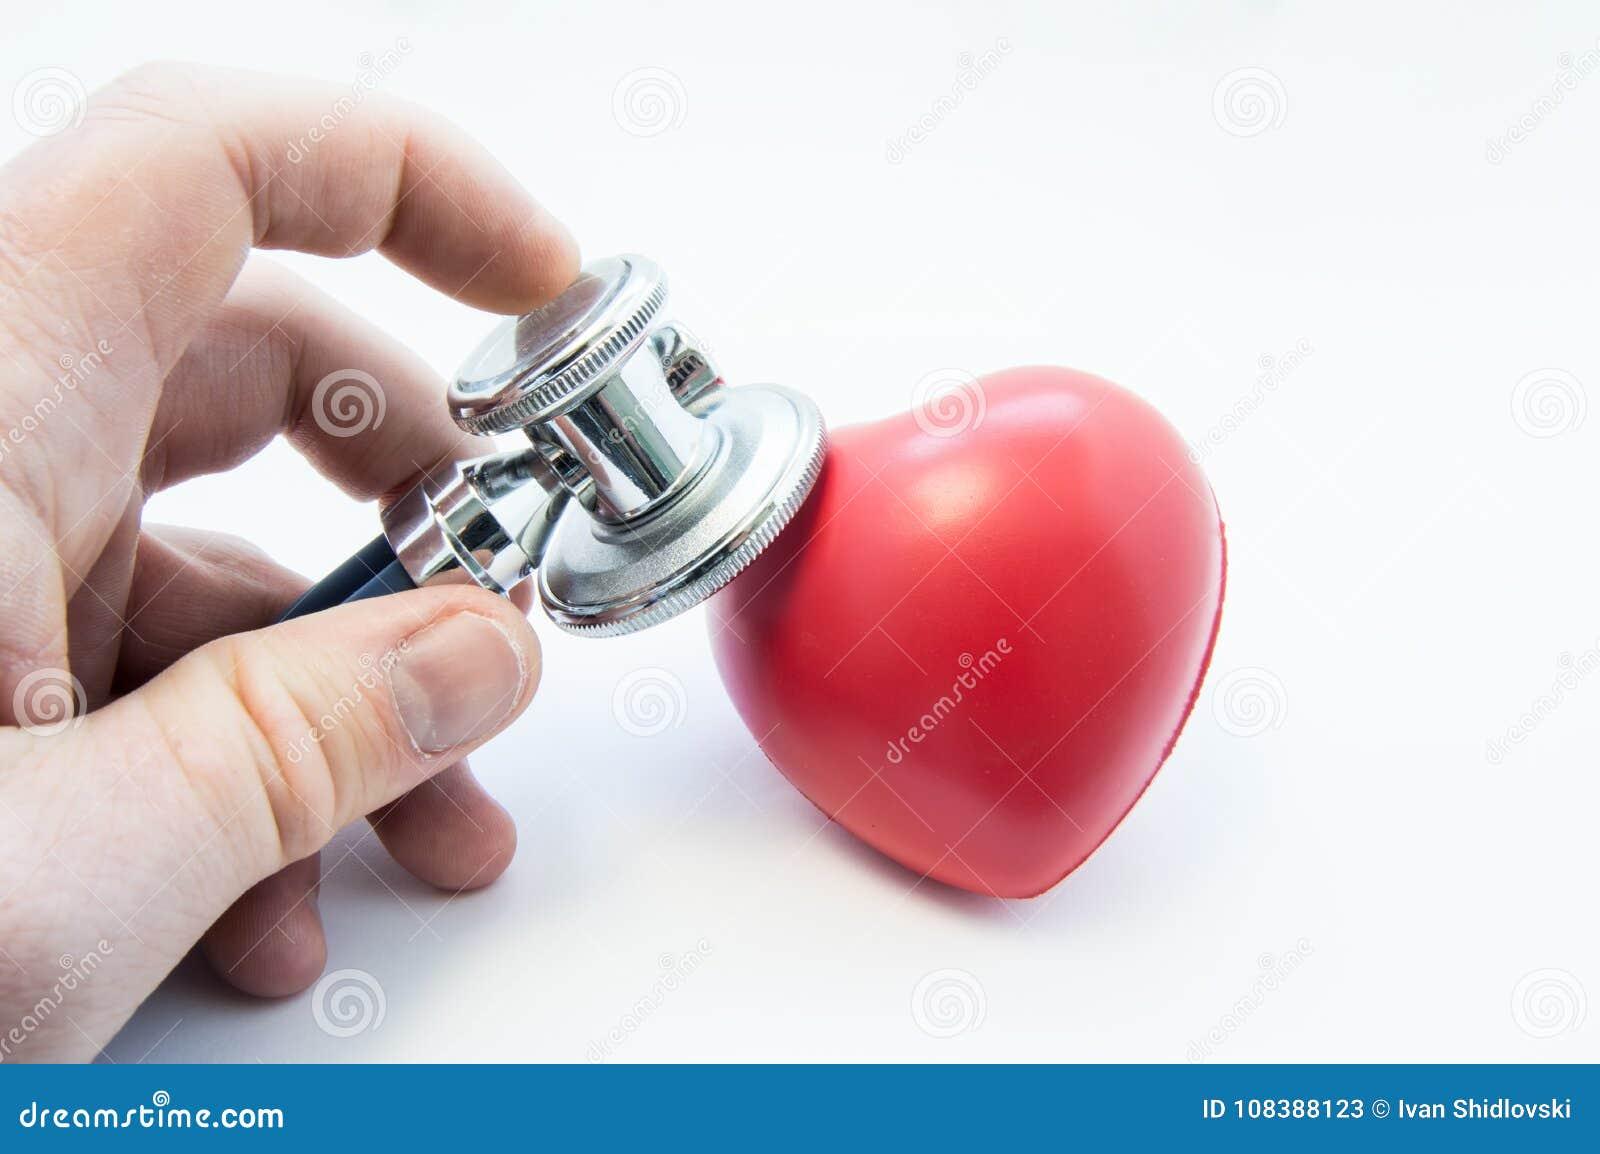 Soignez tenir le stéthoscope dans sa main, examinez la forme de coeur pour la présence des maladies du système cardio-vasculaire